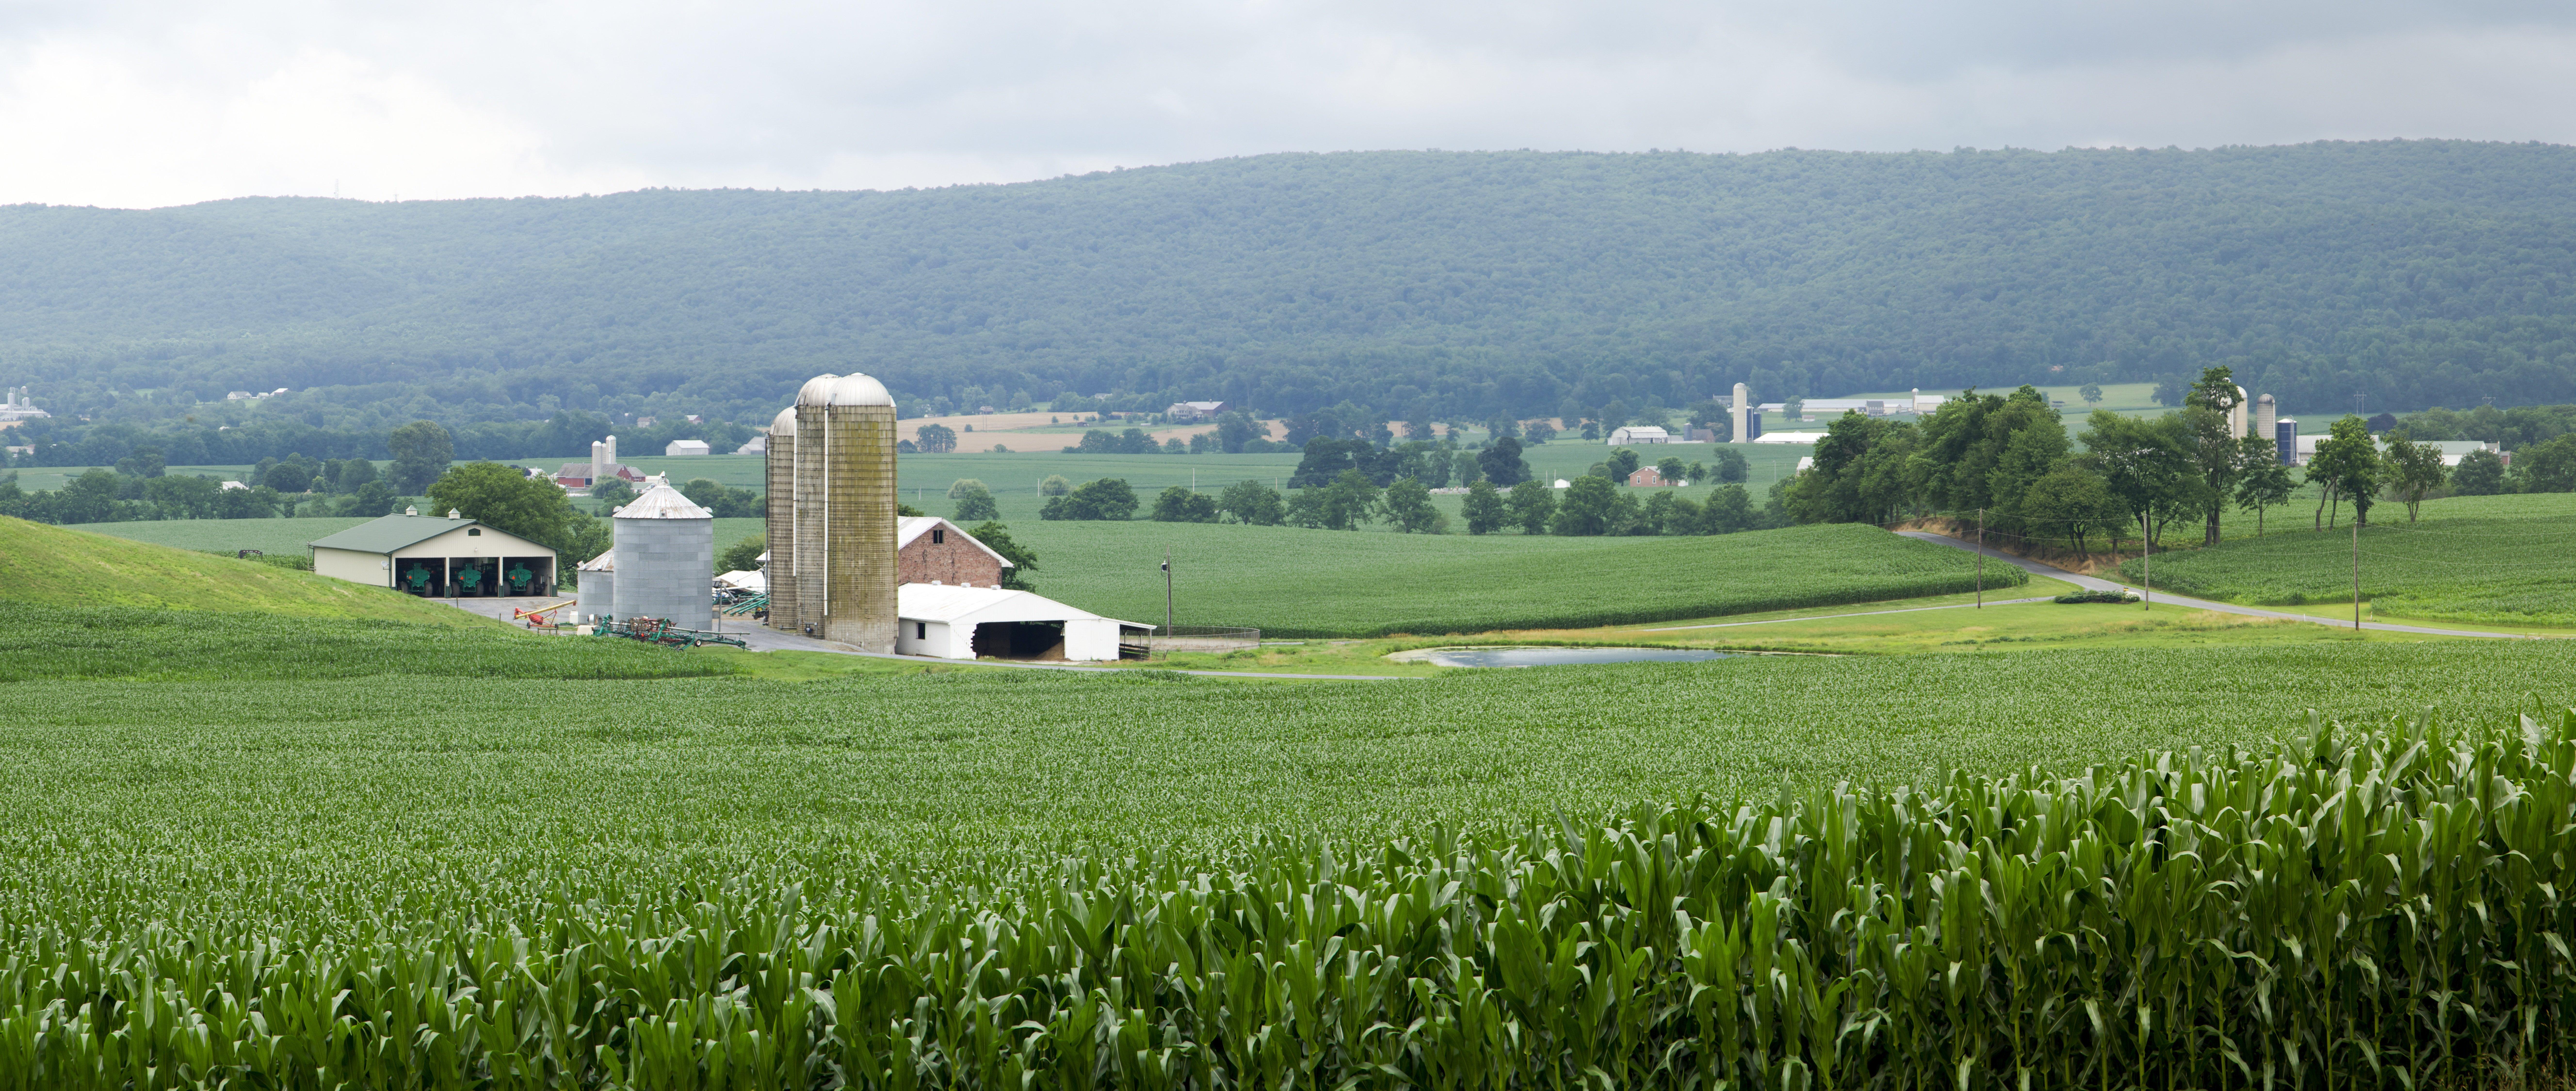 Increasing Brix Index and Reducing Disease at Star Dairy